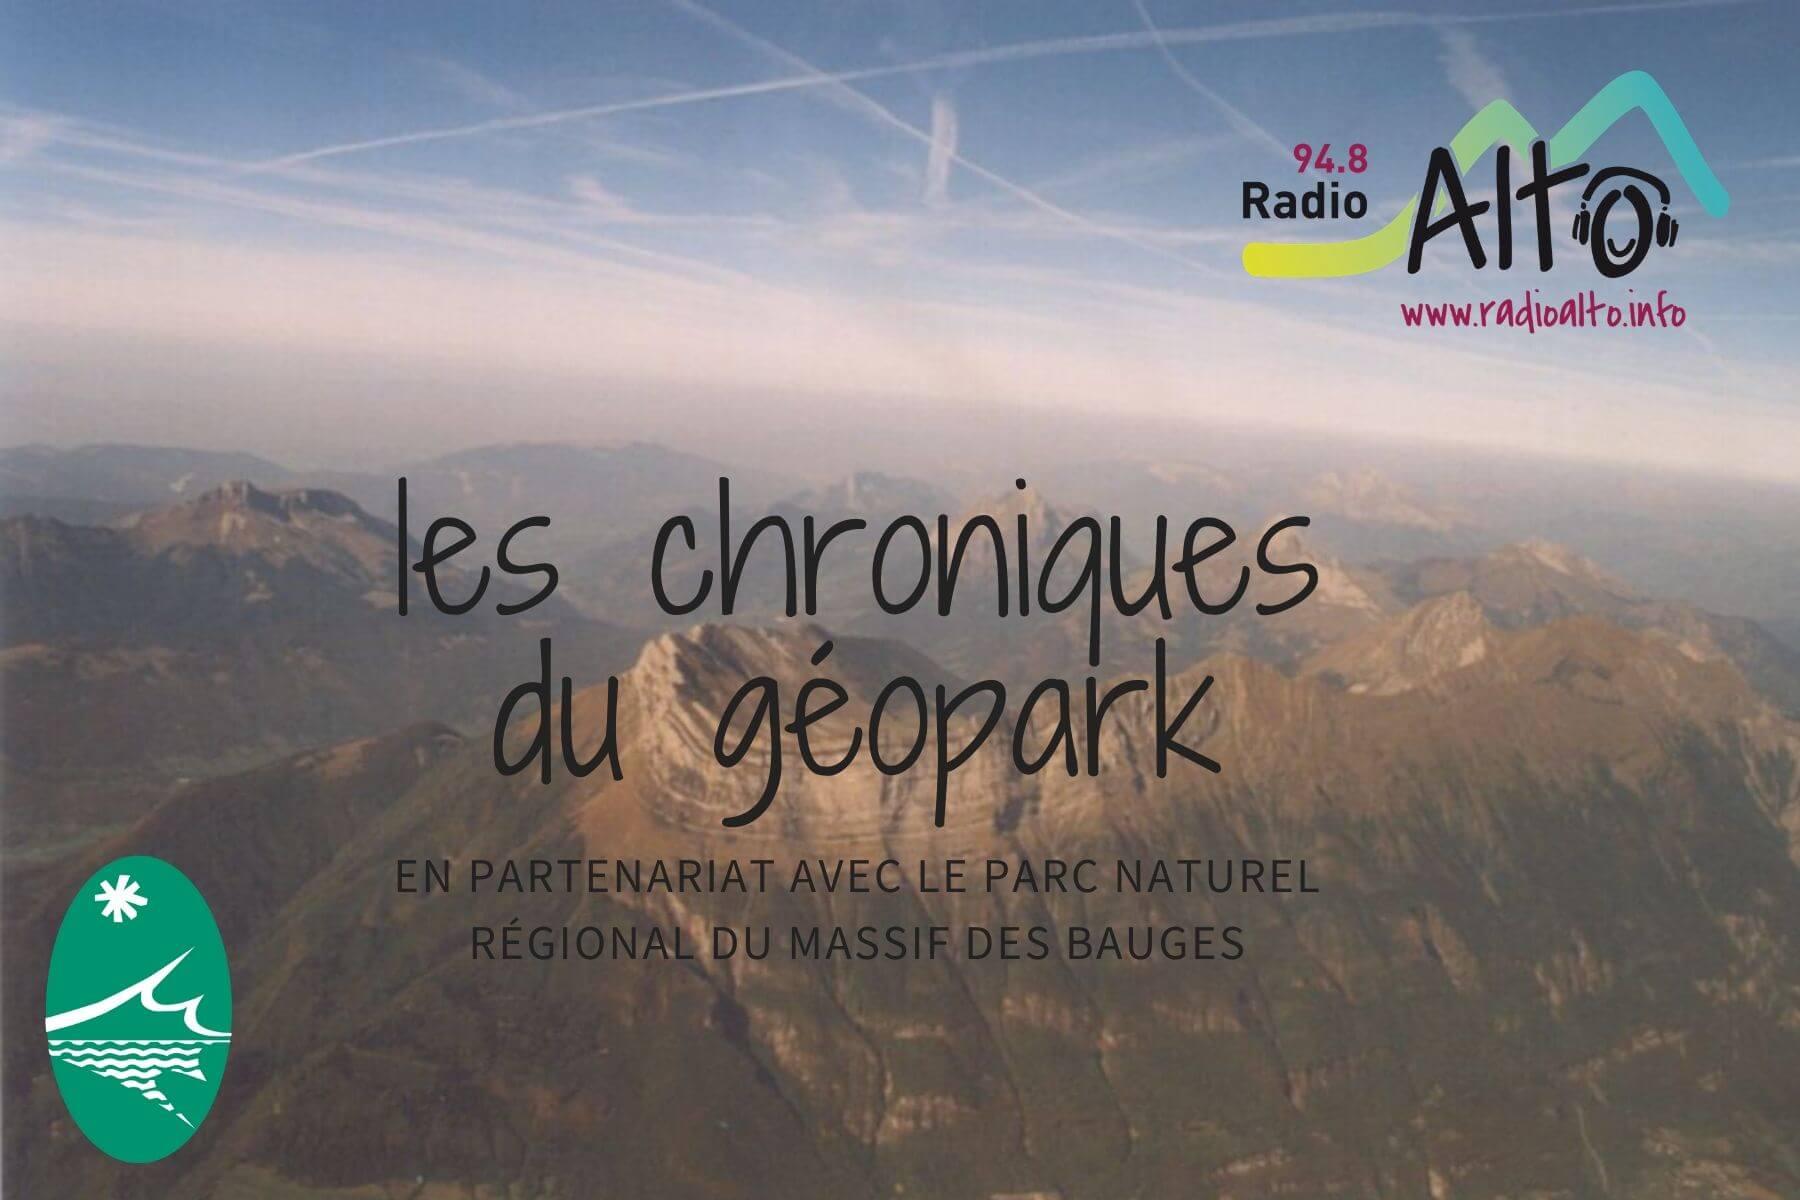 chroniques géopark pnr bauges et radio alto